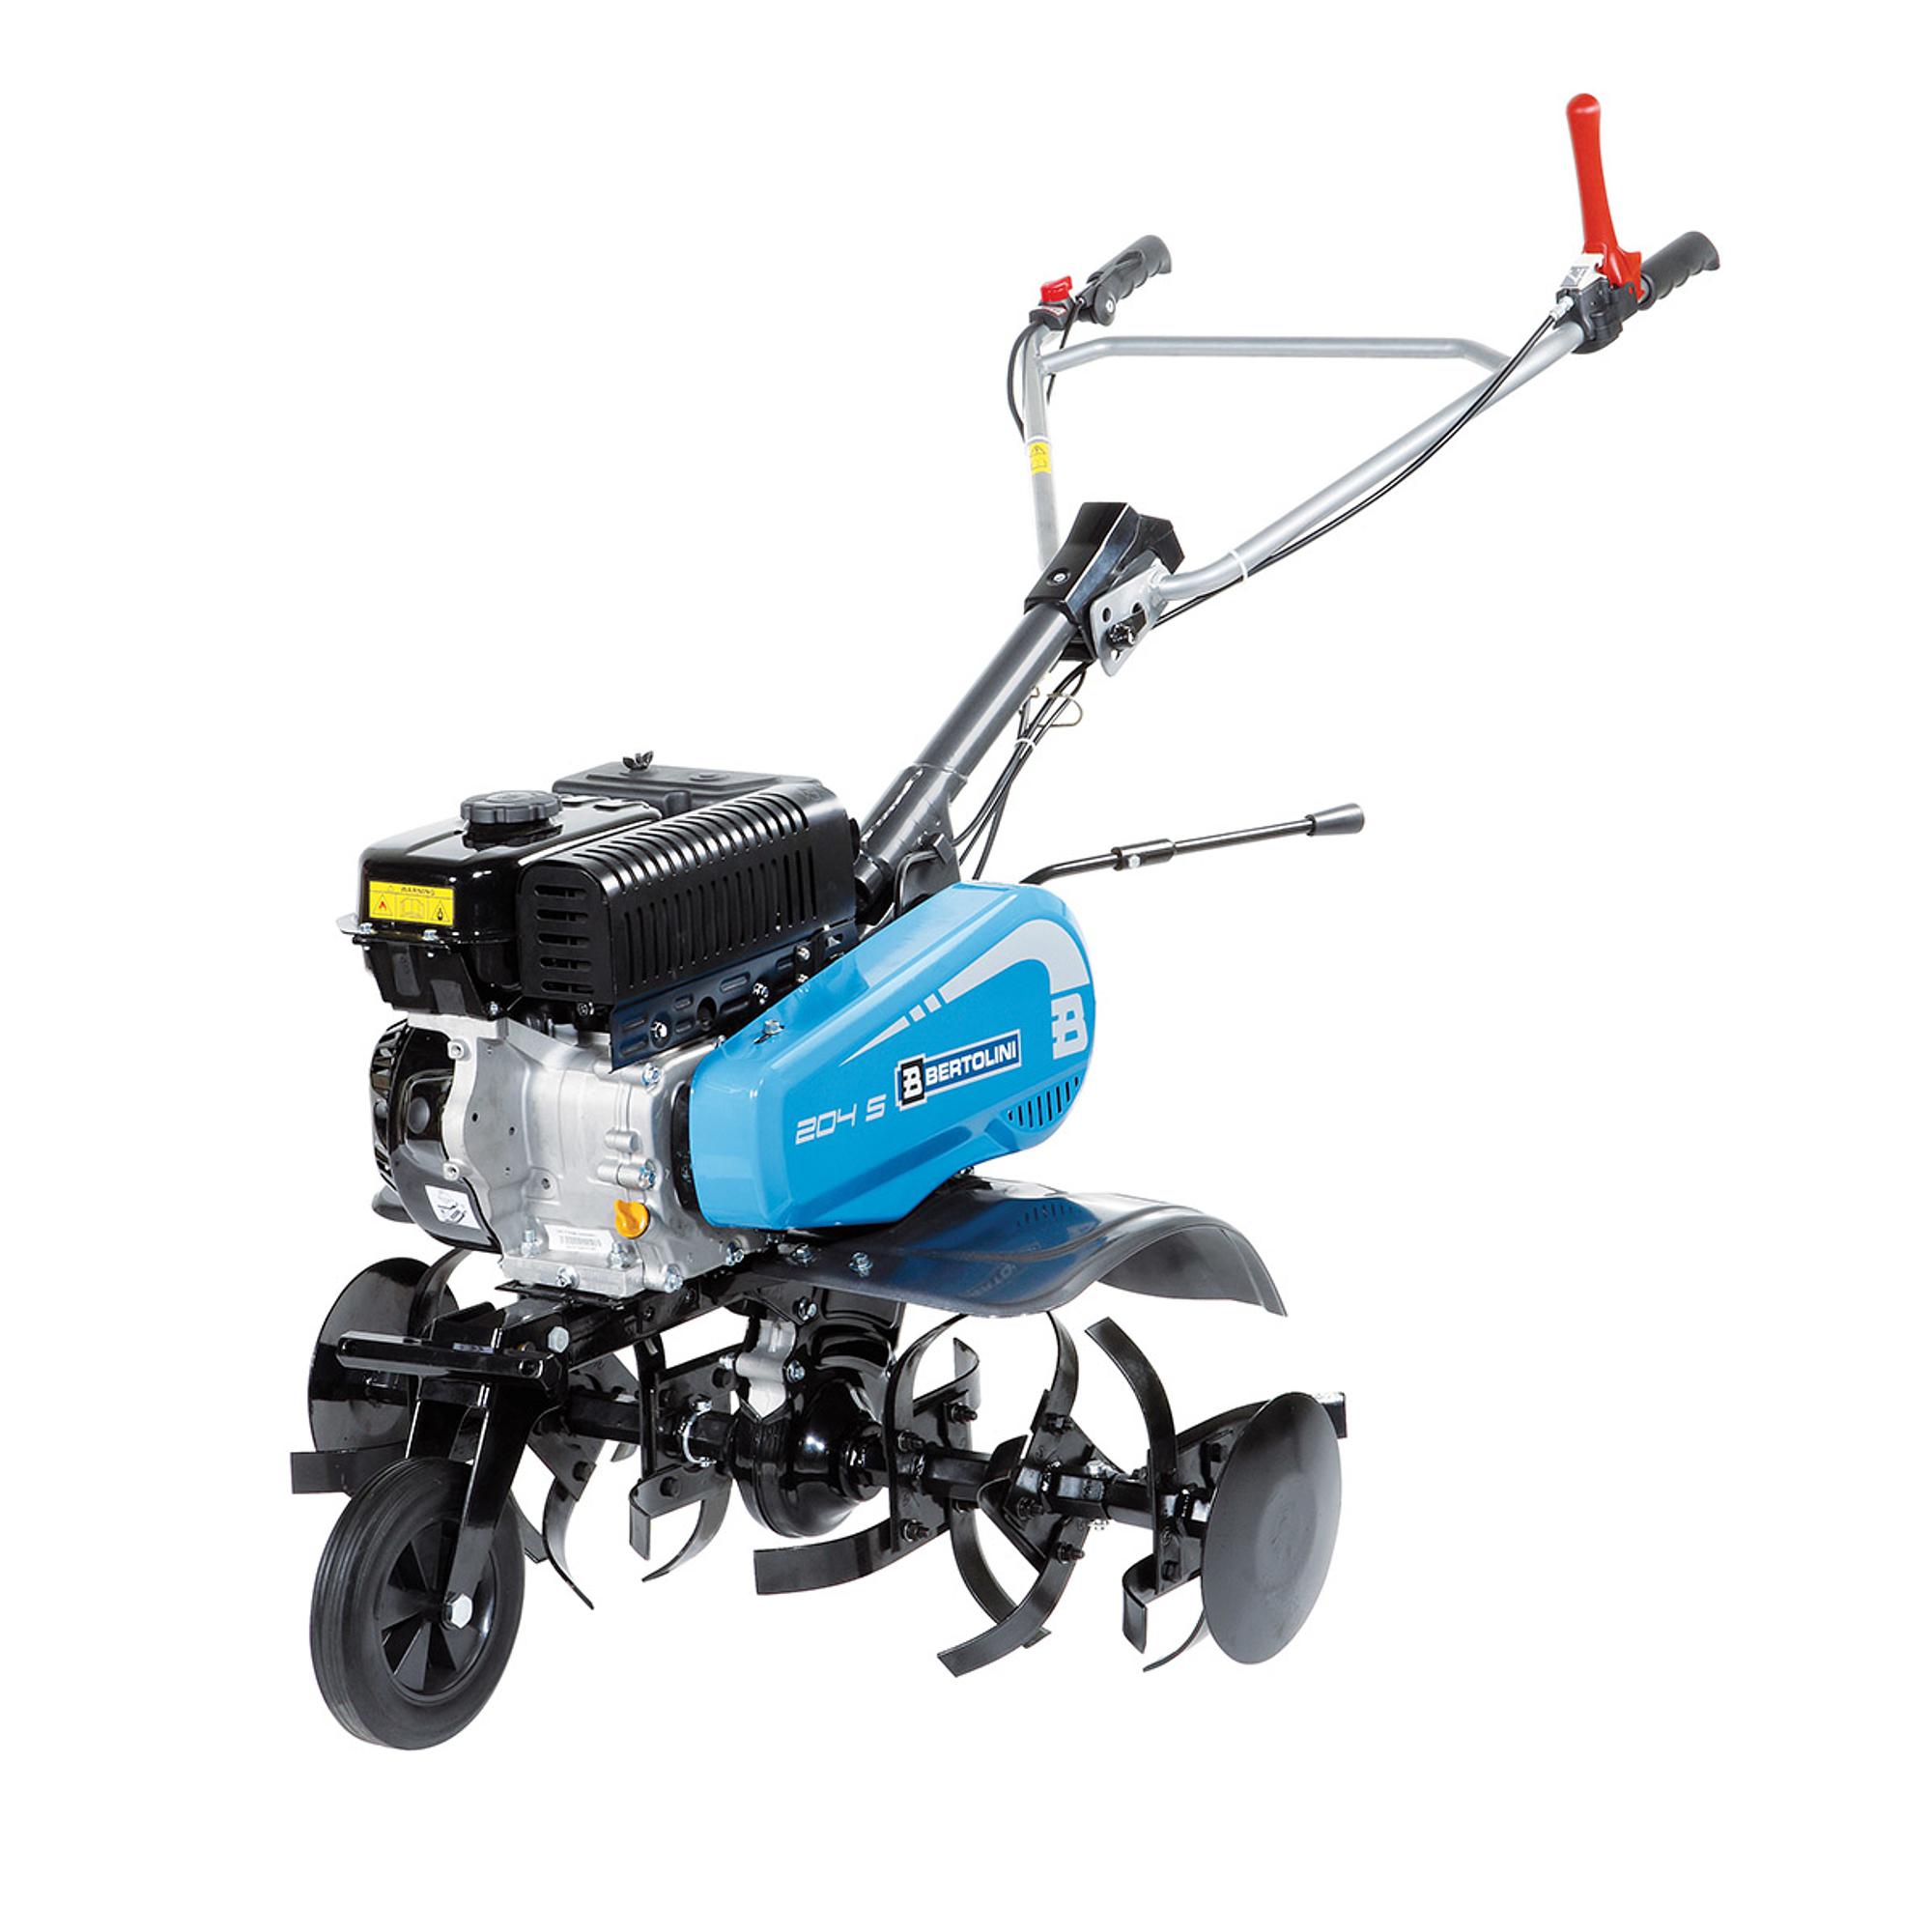 Bertolini Motoros kapa BT 204 S Emak K 800 HC OHV motorral 68589005EN